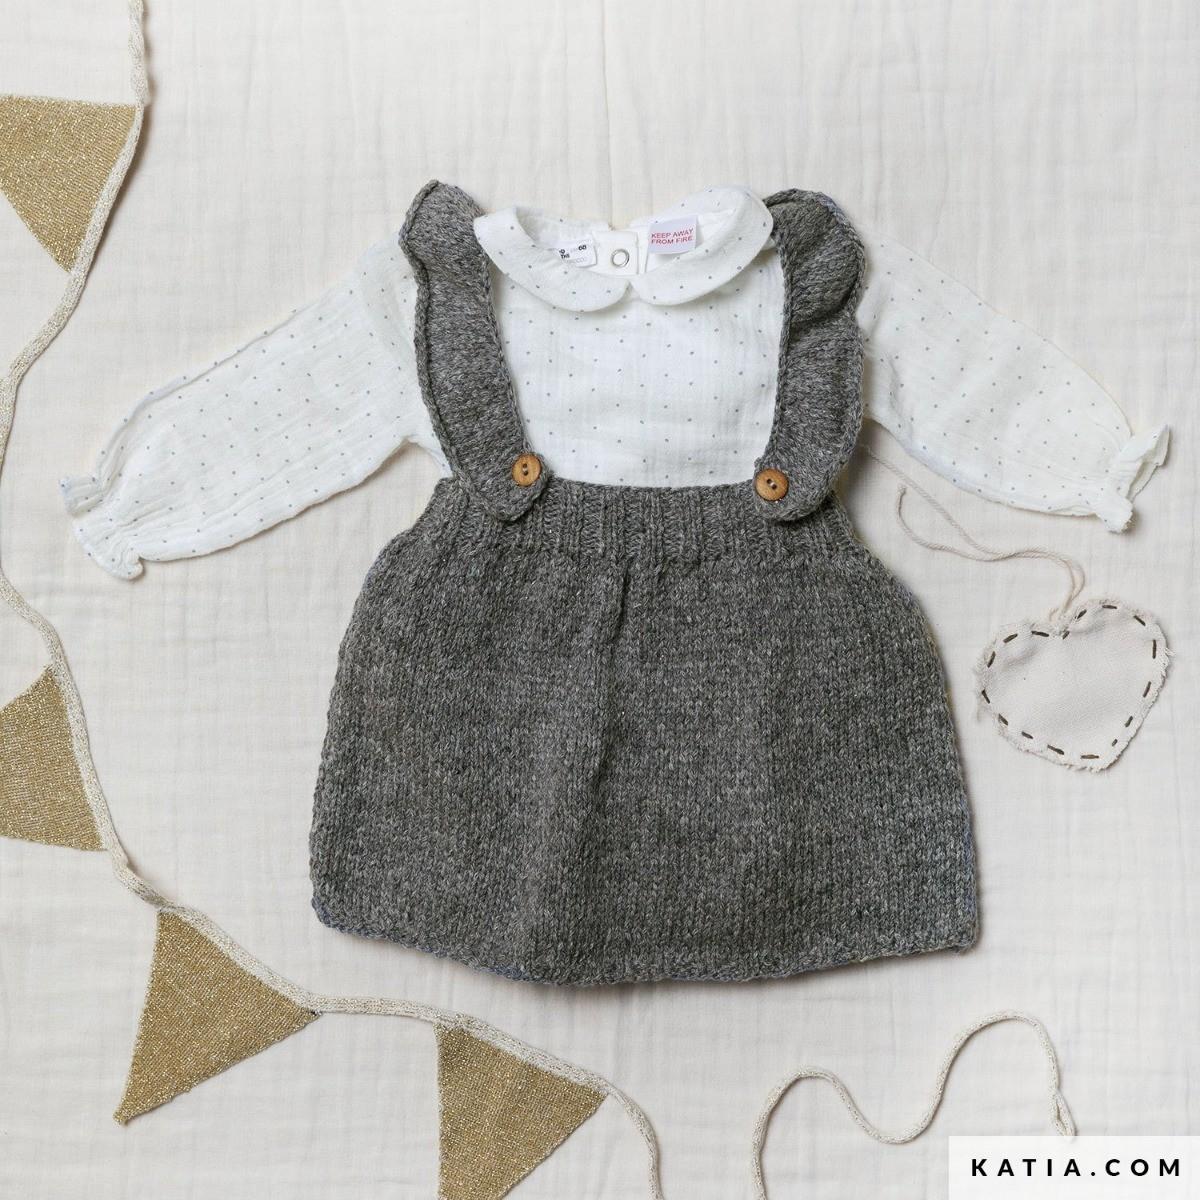 Babystories 6 - Model 8